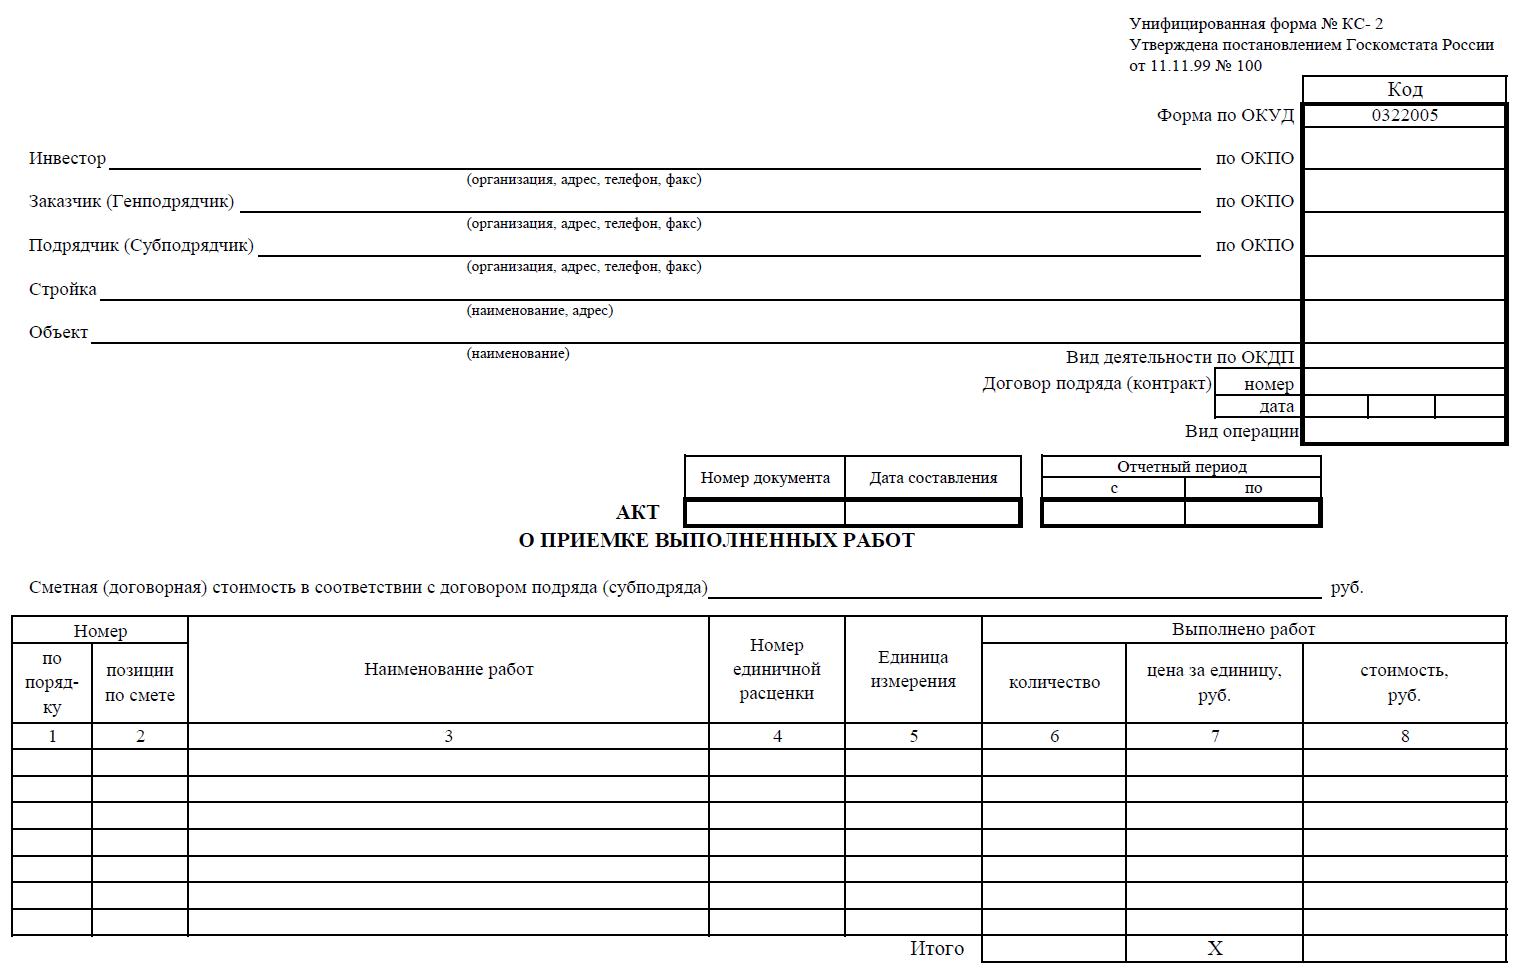 Справка о стоимости выполненных работ и затратформа КС-3 - скачать бланк